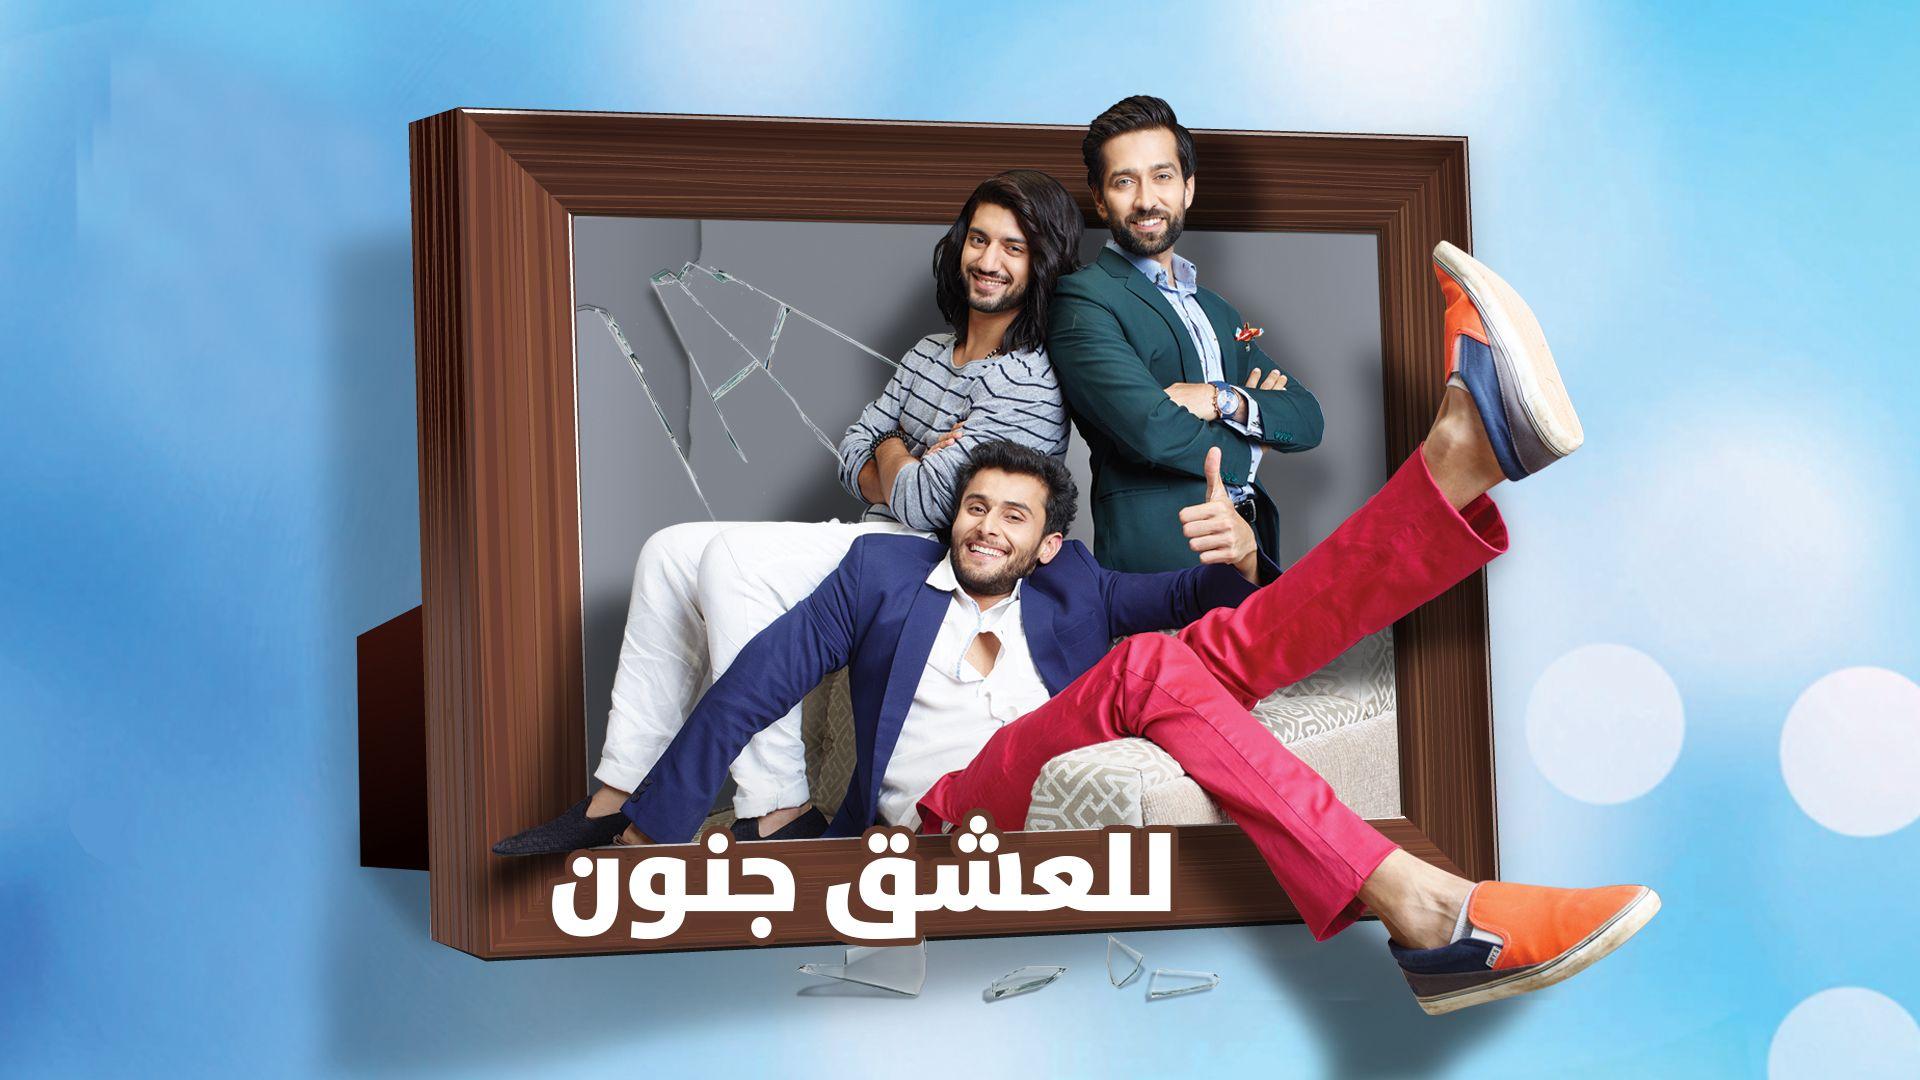 مسلسل للعشق جنون الحلقة 134 المائة واربعة وثلاثون مدبلجة للعربية HD